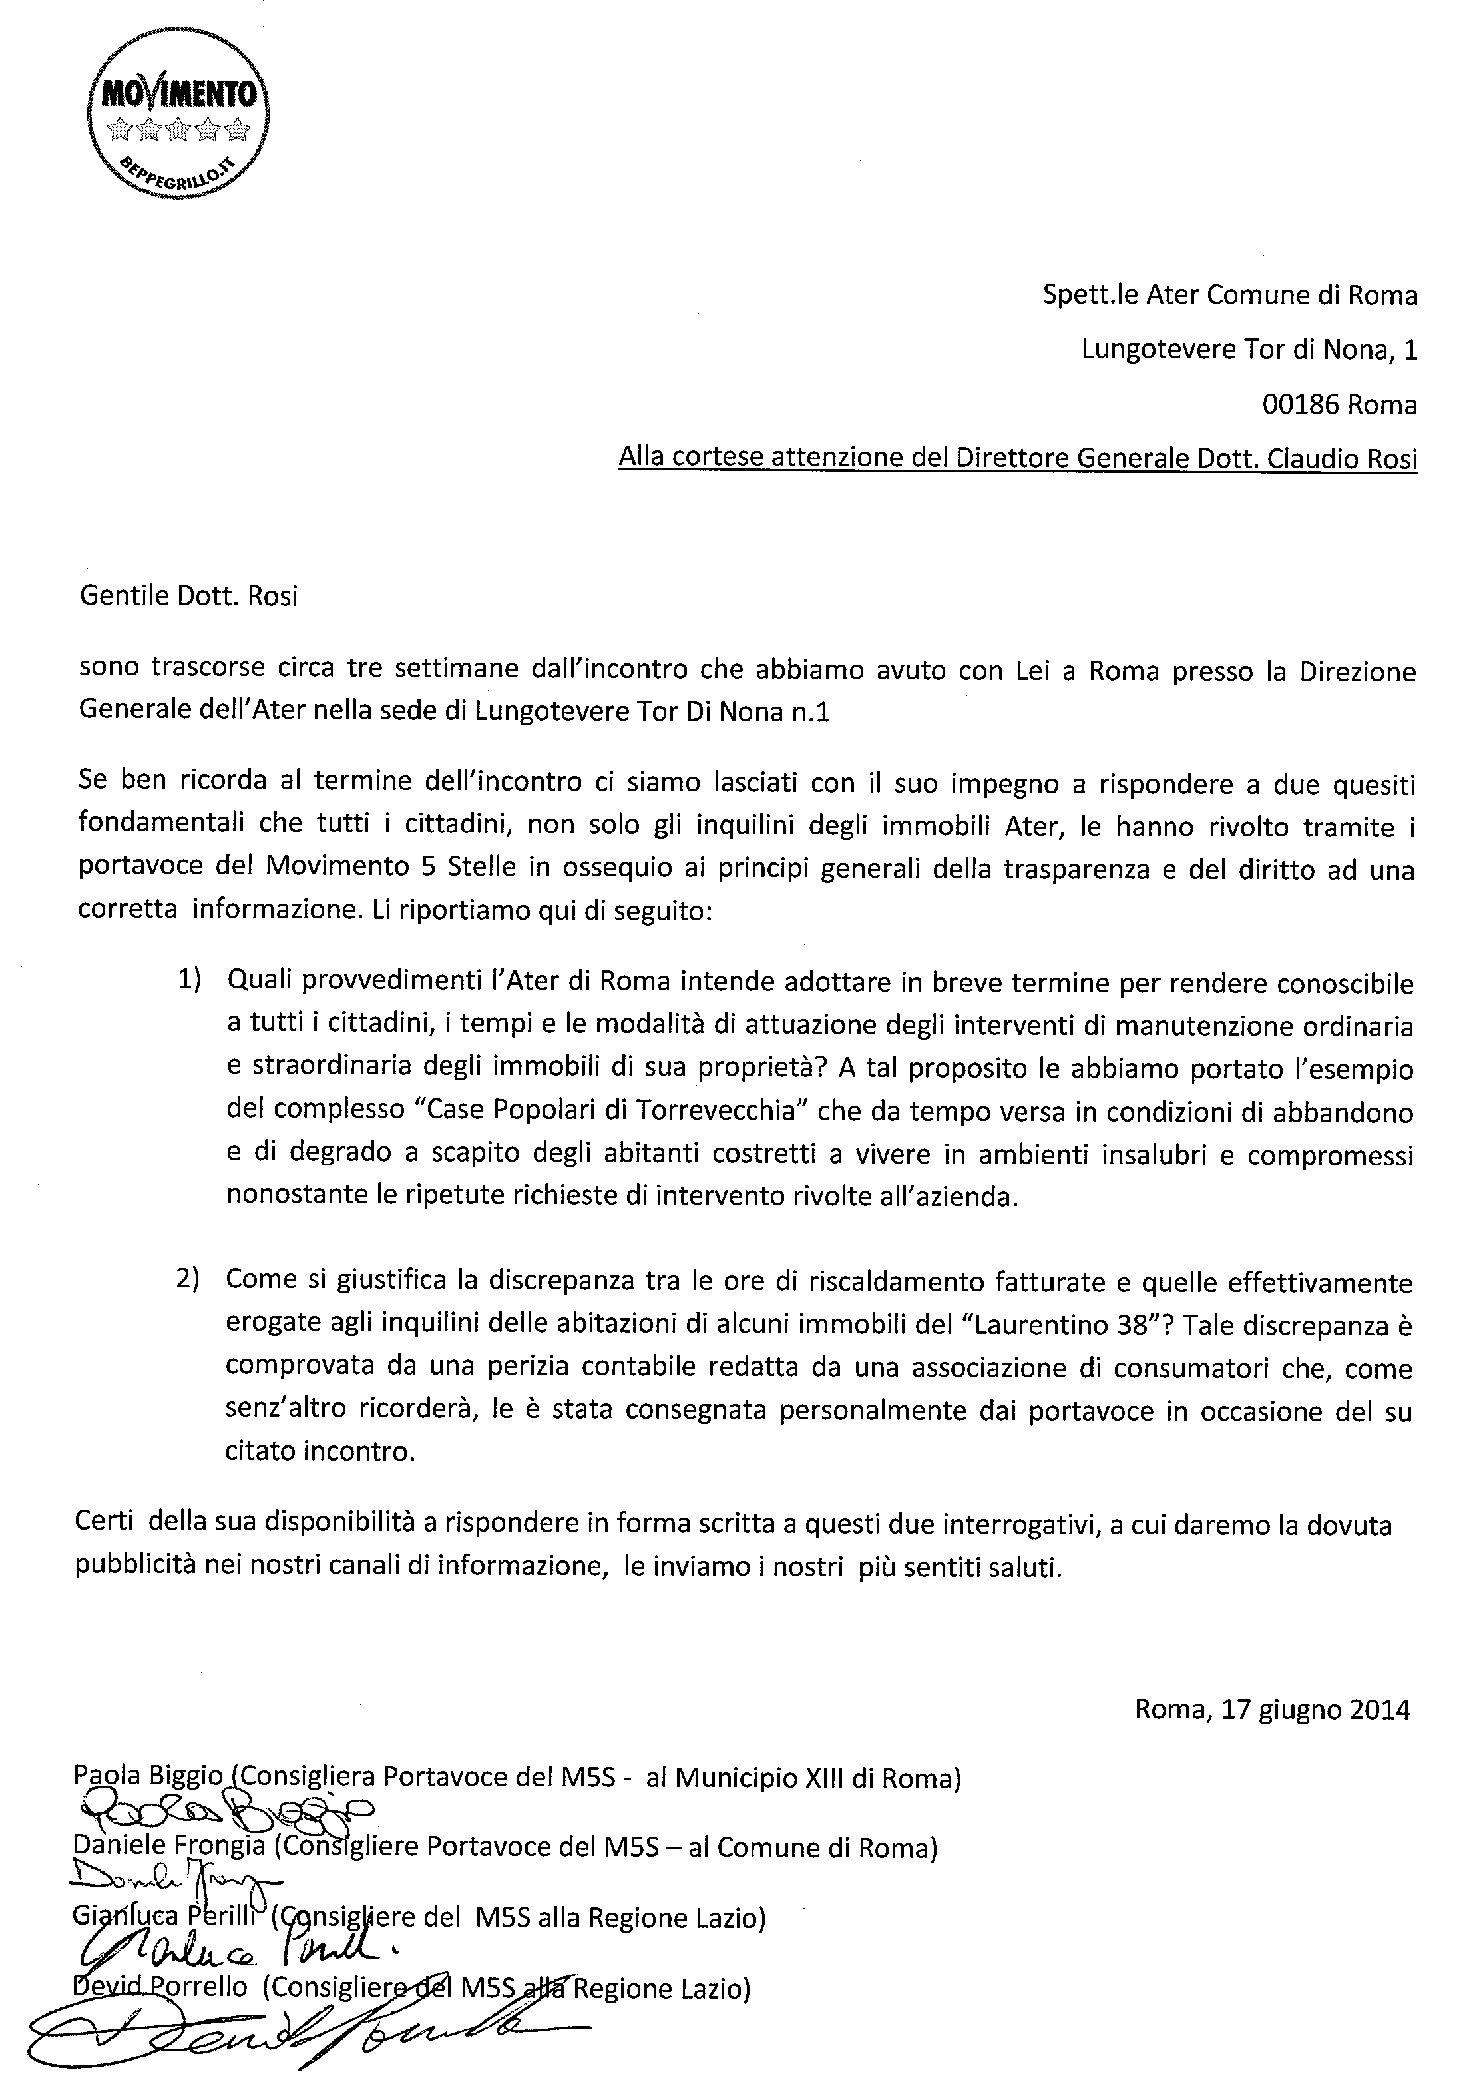 La Lettera Al Direttore Generale Ater Manutenzione E